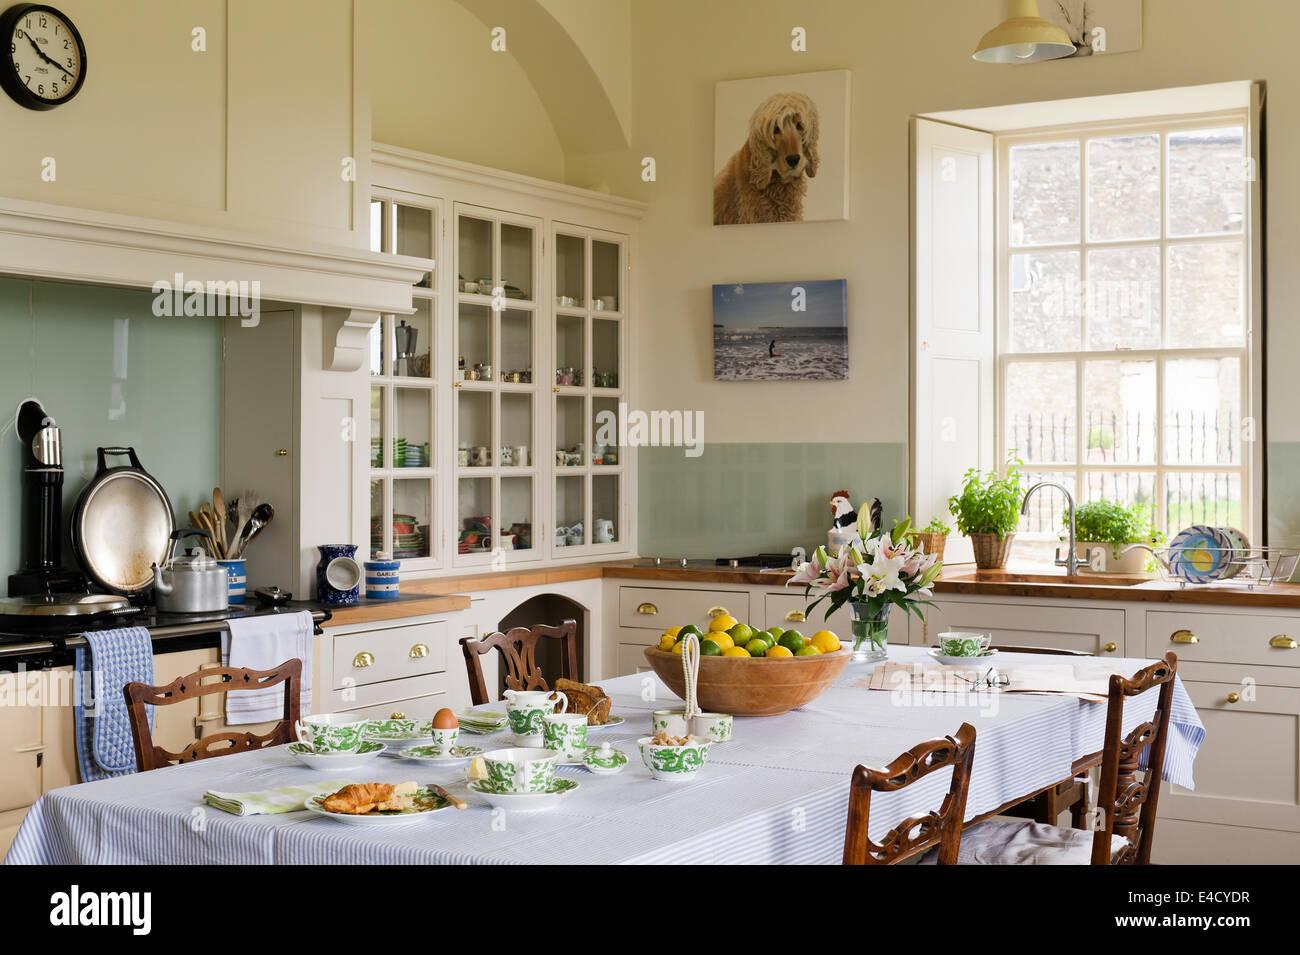 Mouseman Stühle von Thompson von Kilburn und rund um einen Esstisch in einer Landhausküche. Stockbild